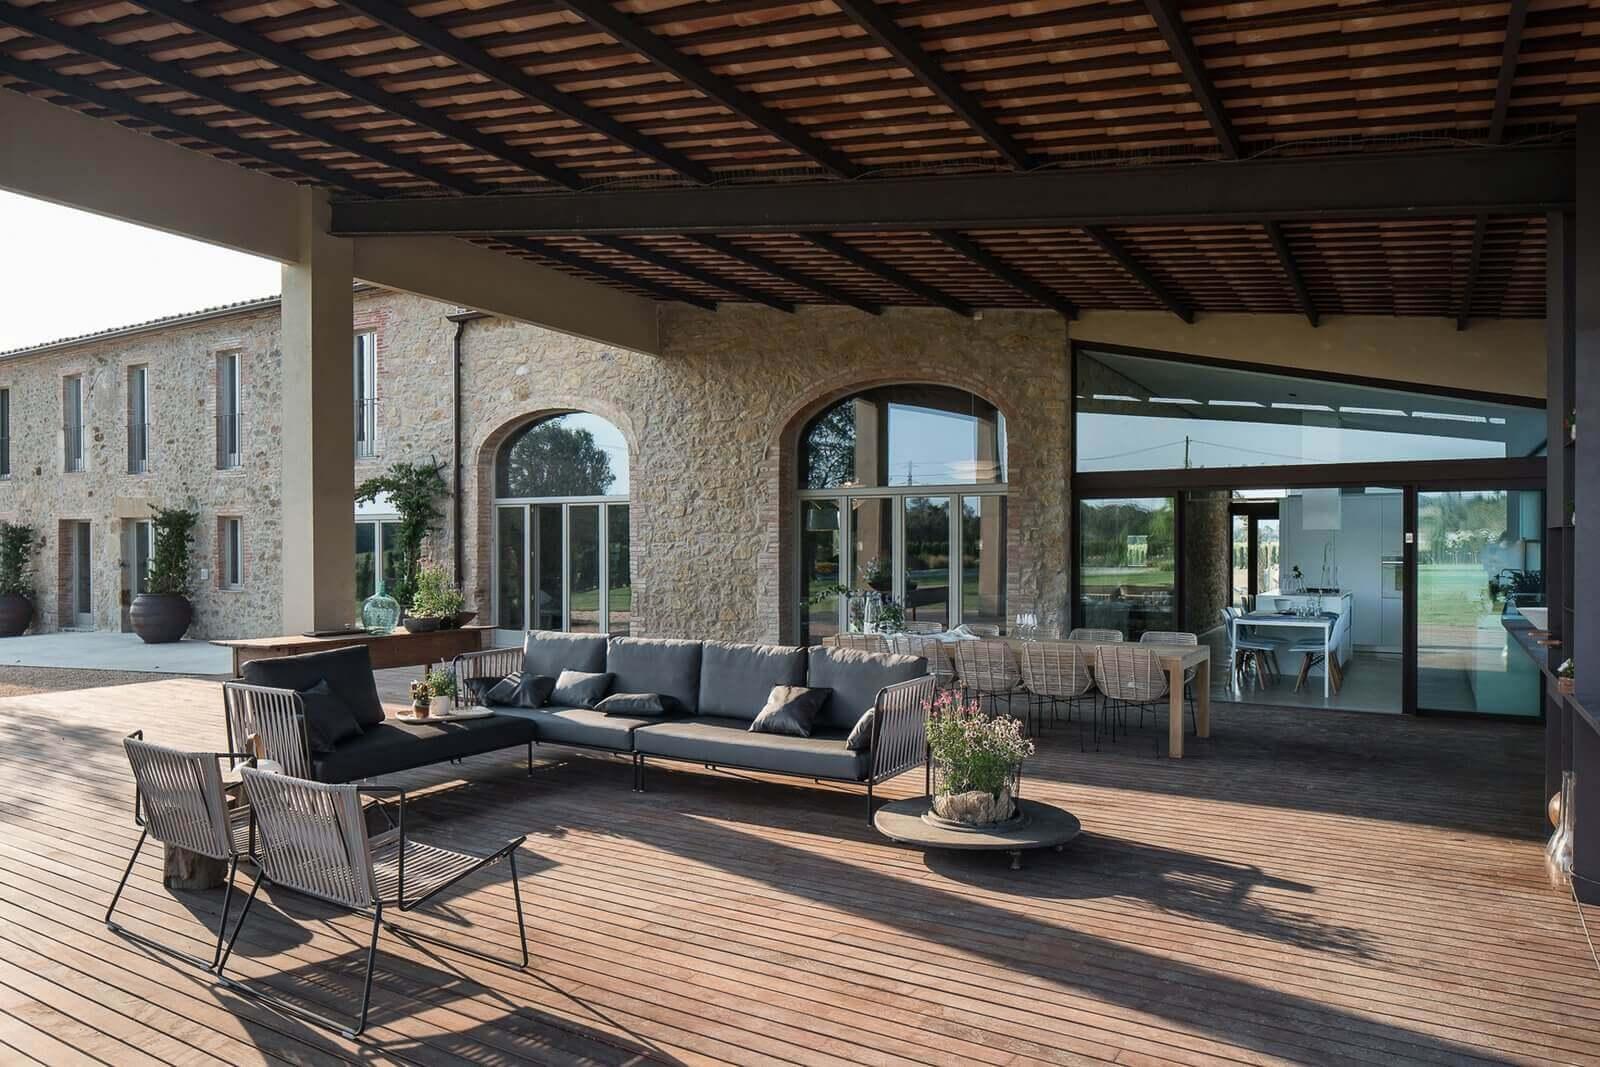 FARMHÁZ Spanyolországban - építészet: Gloria Duran Estudio de Arquitectura fotó: Miquel Coll